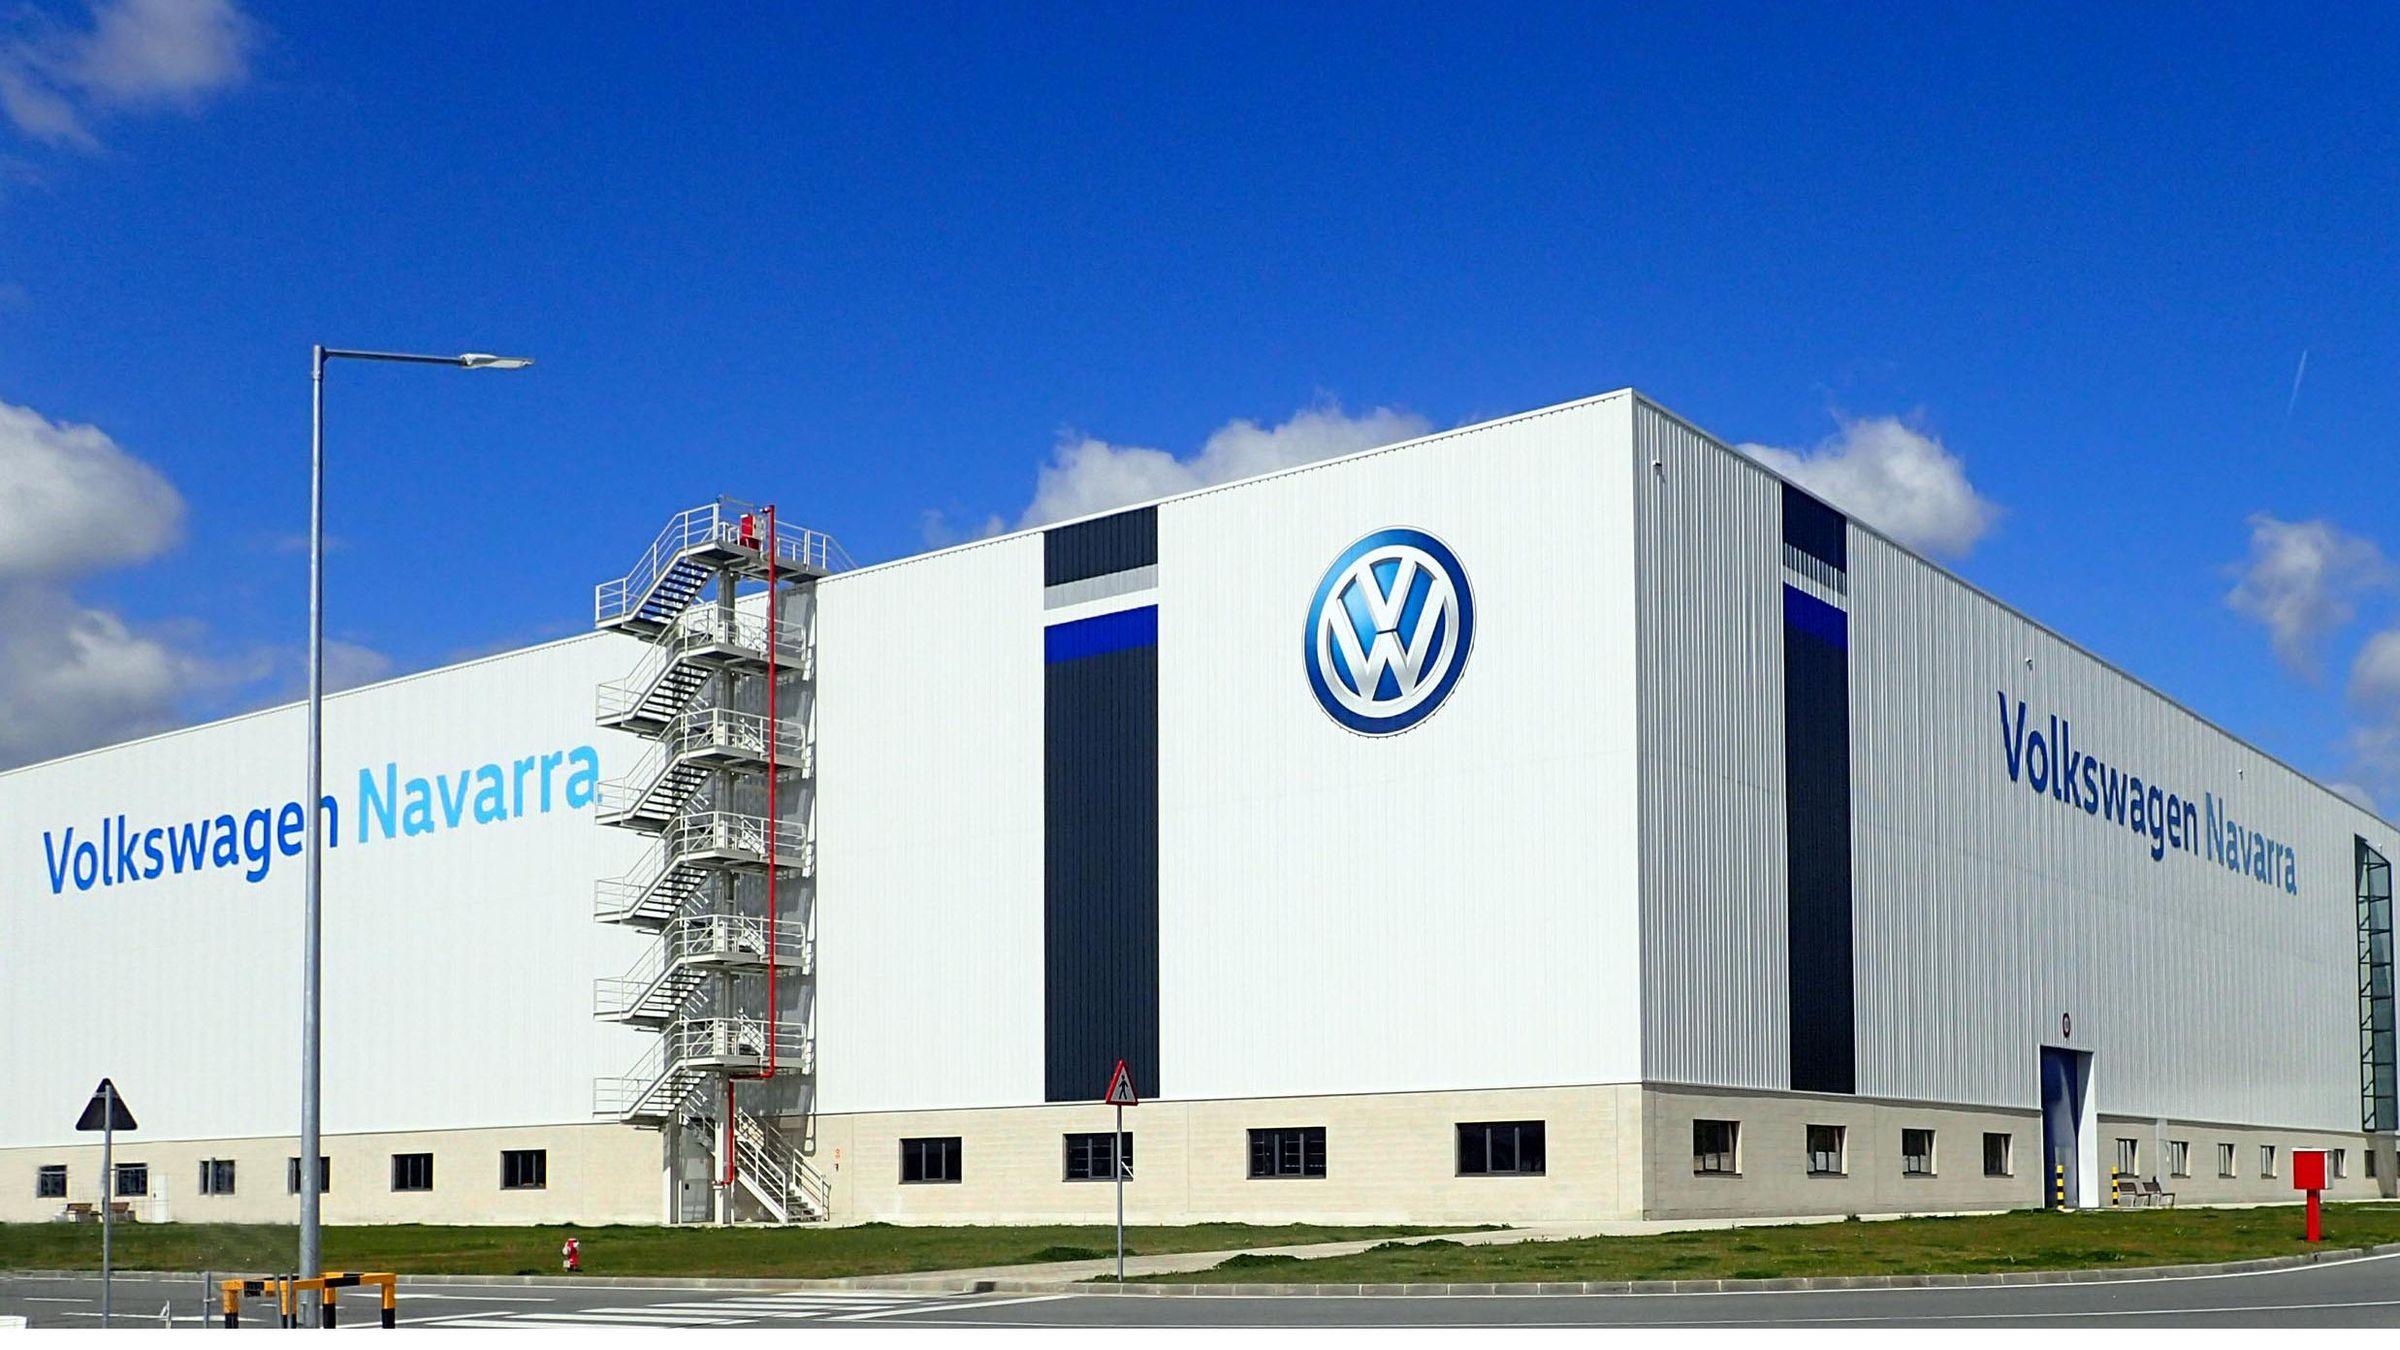 Fábrica de Wolskwagen en Navarra